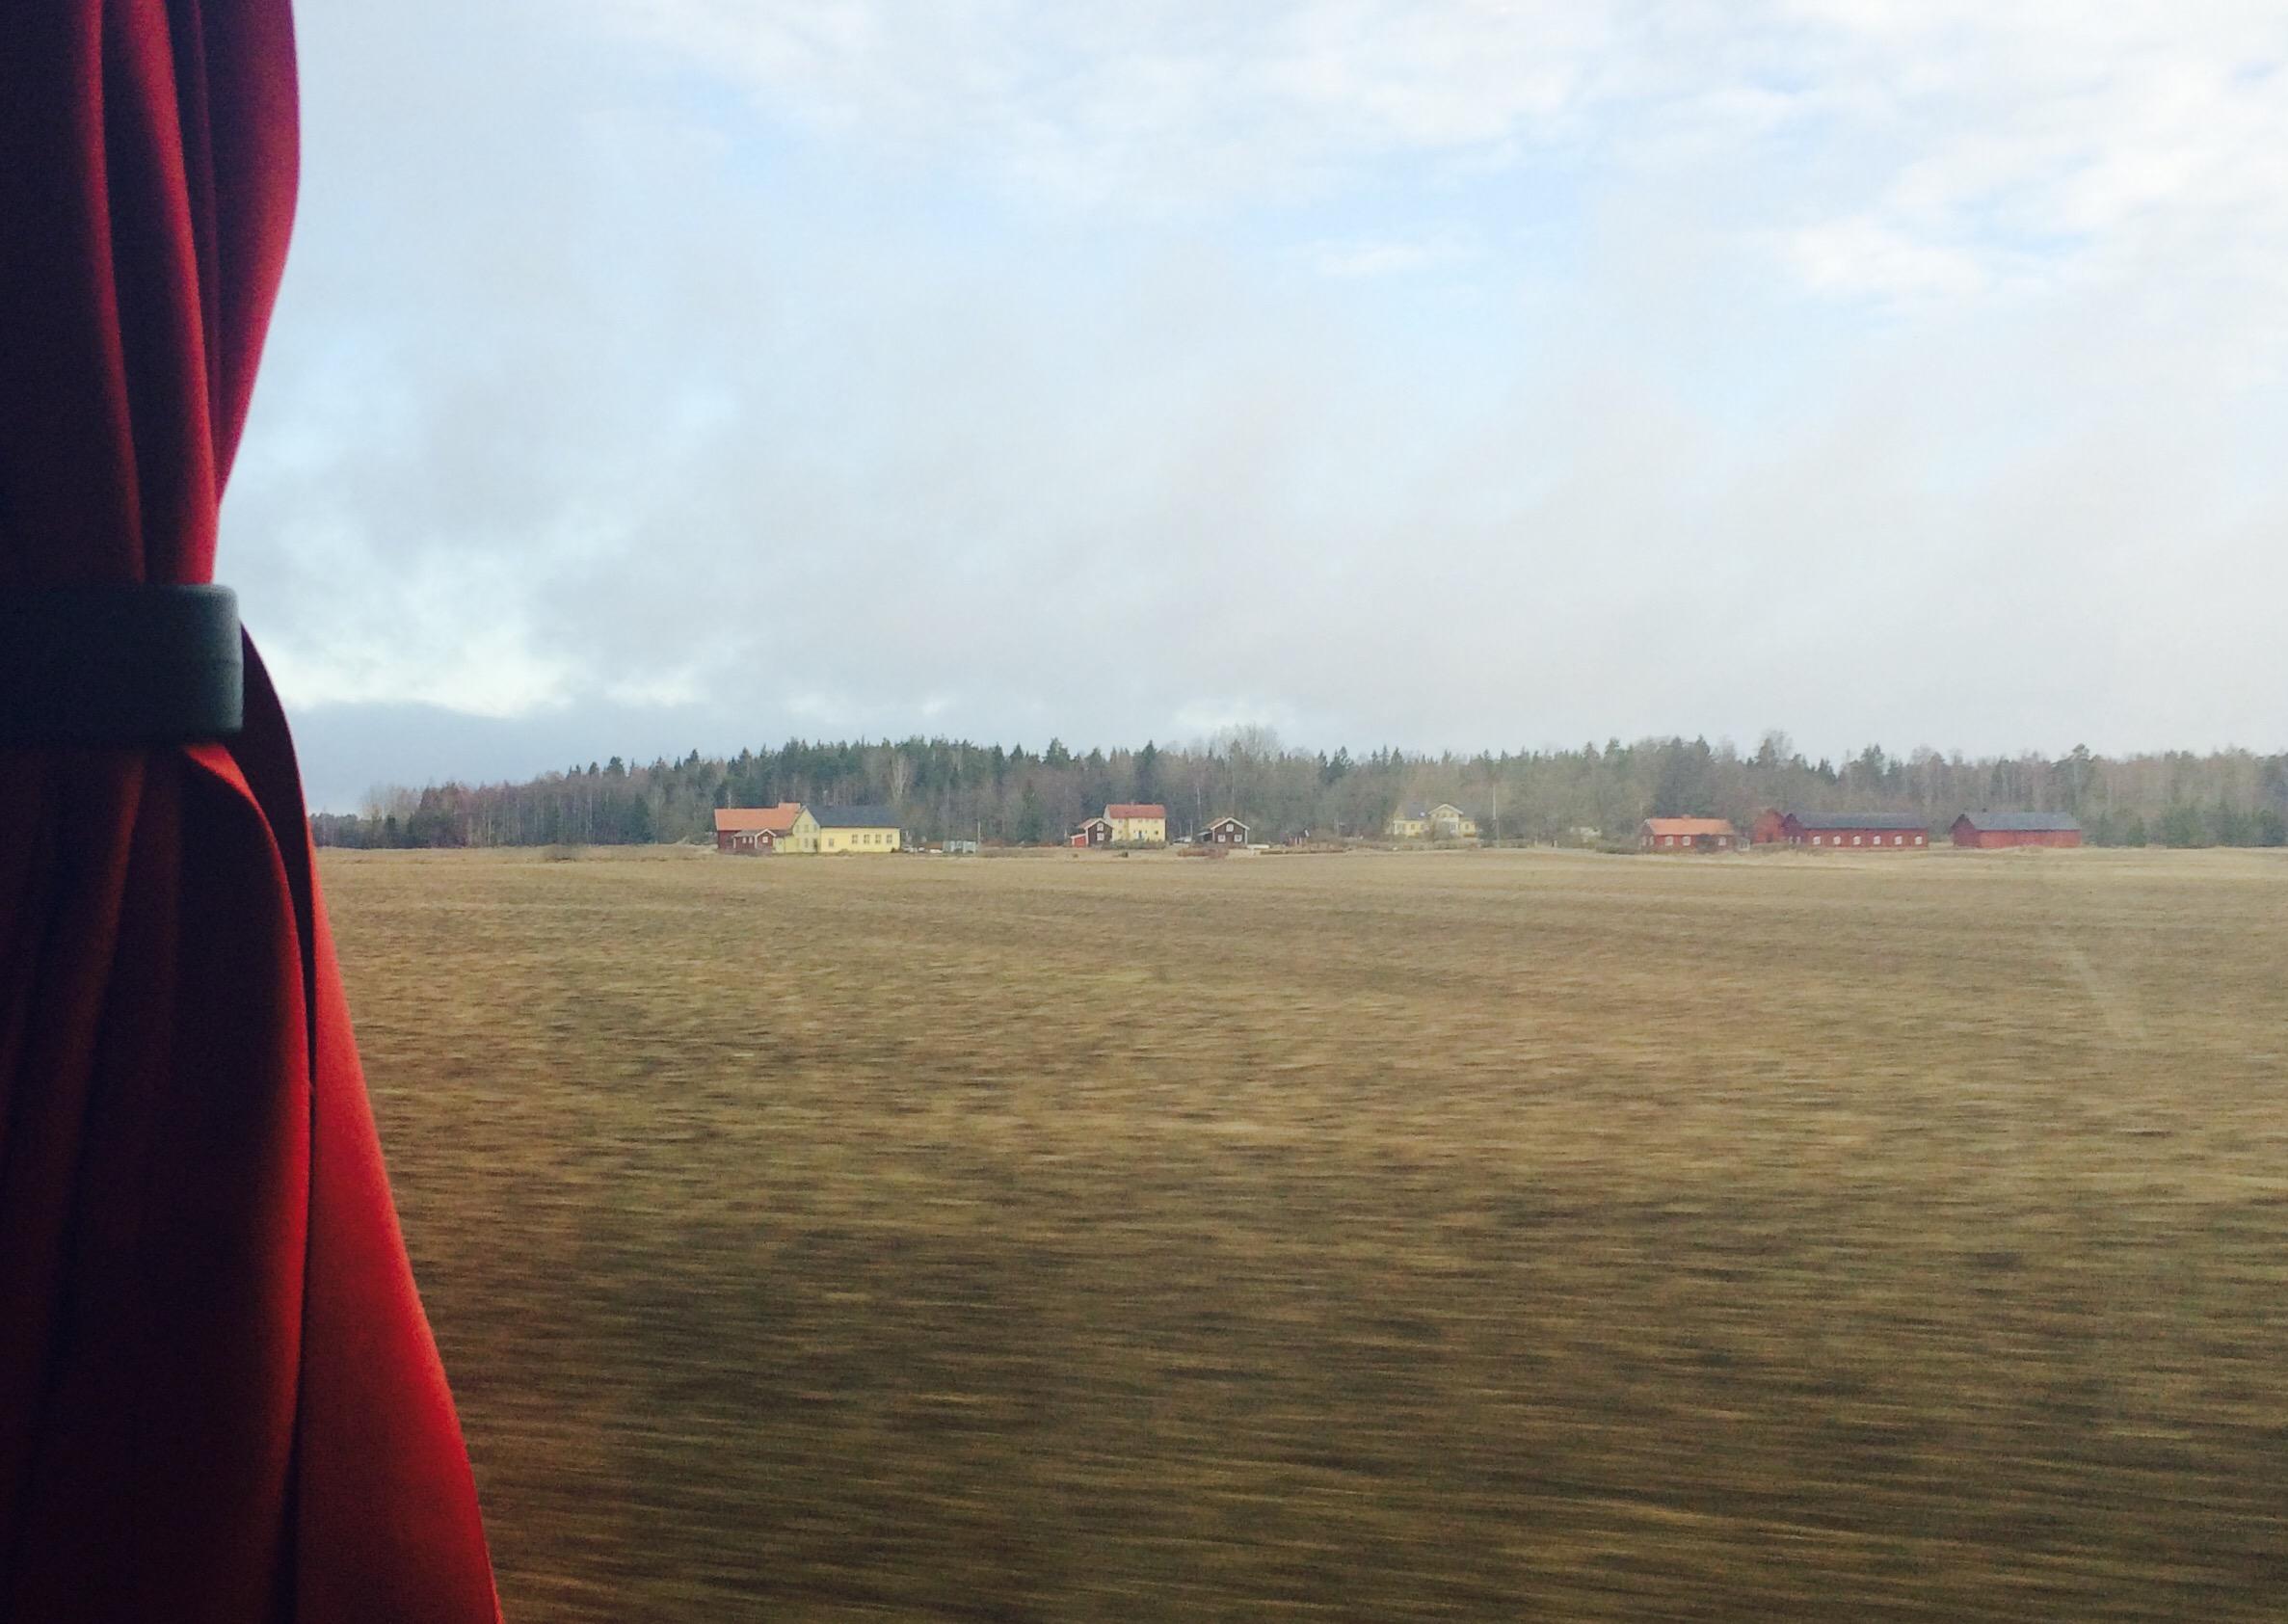 Utsikt genom bussfönster. Bakom en åker skymtar hus och långt bort en skog.